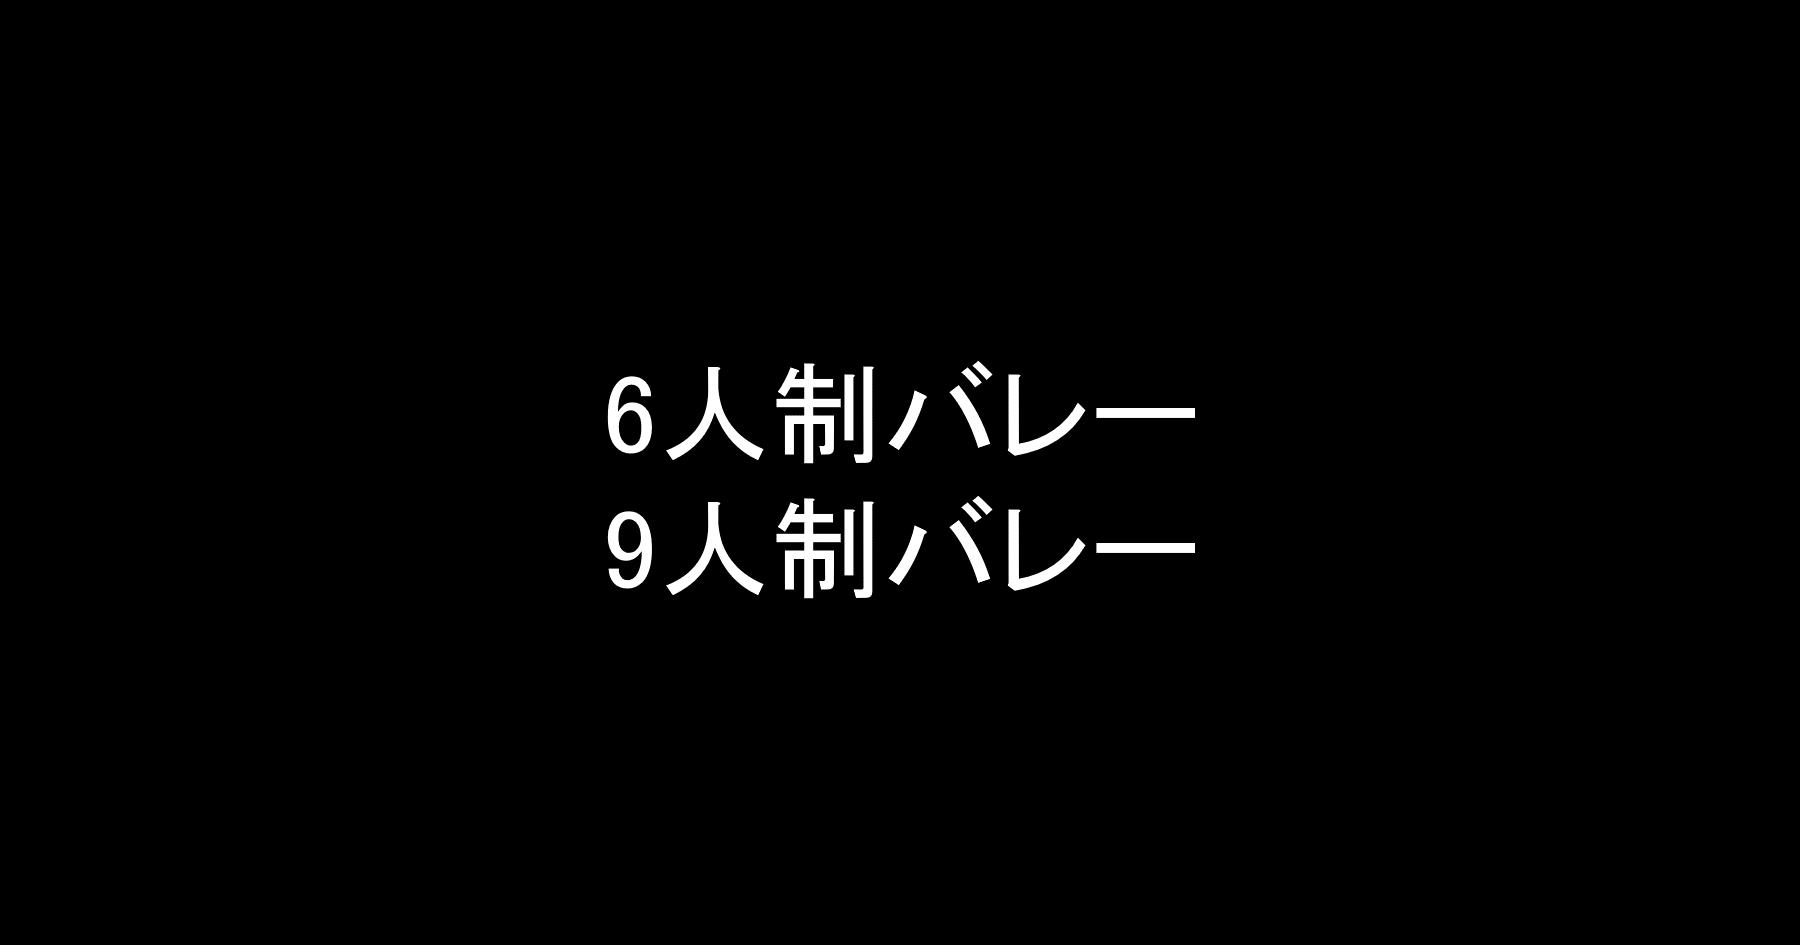 【バレーボール】6人制と9人制の違いとは?